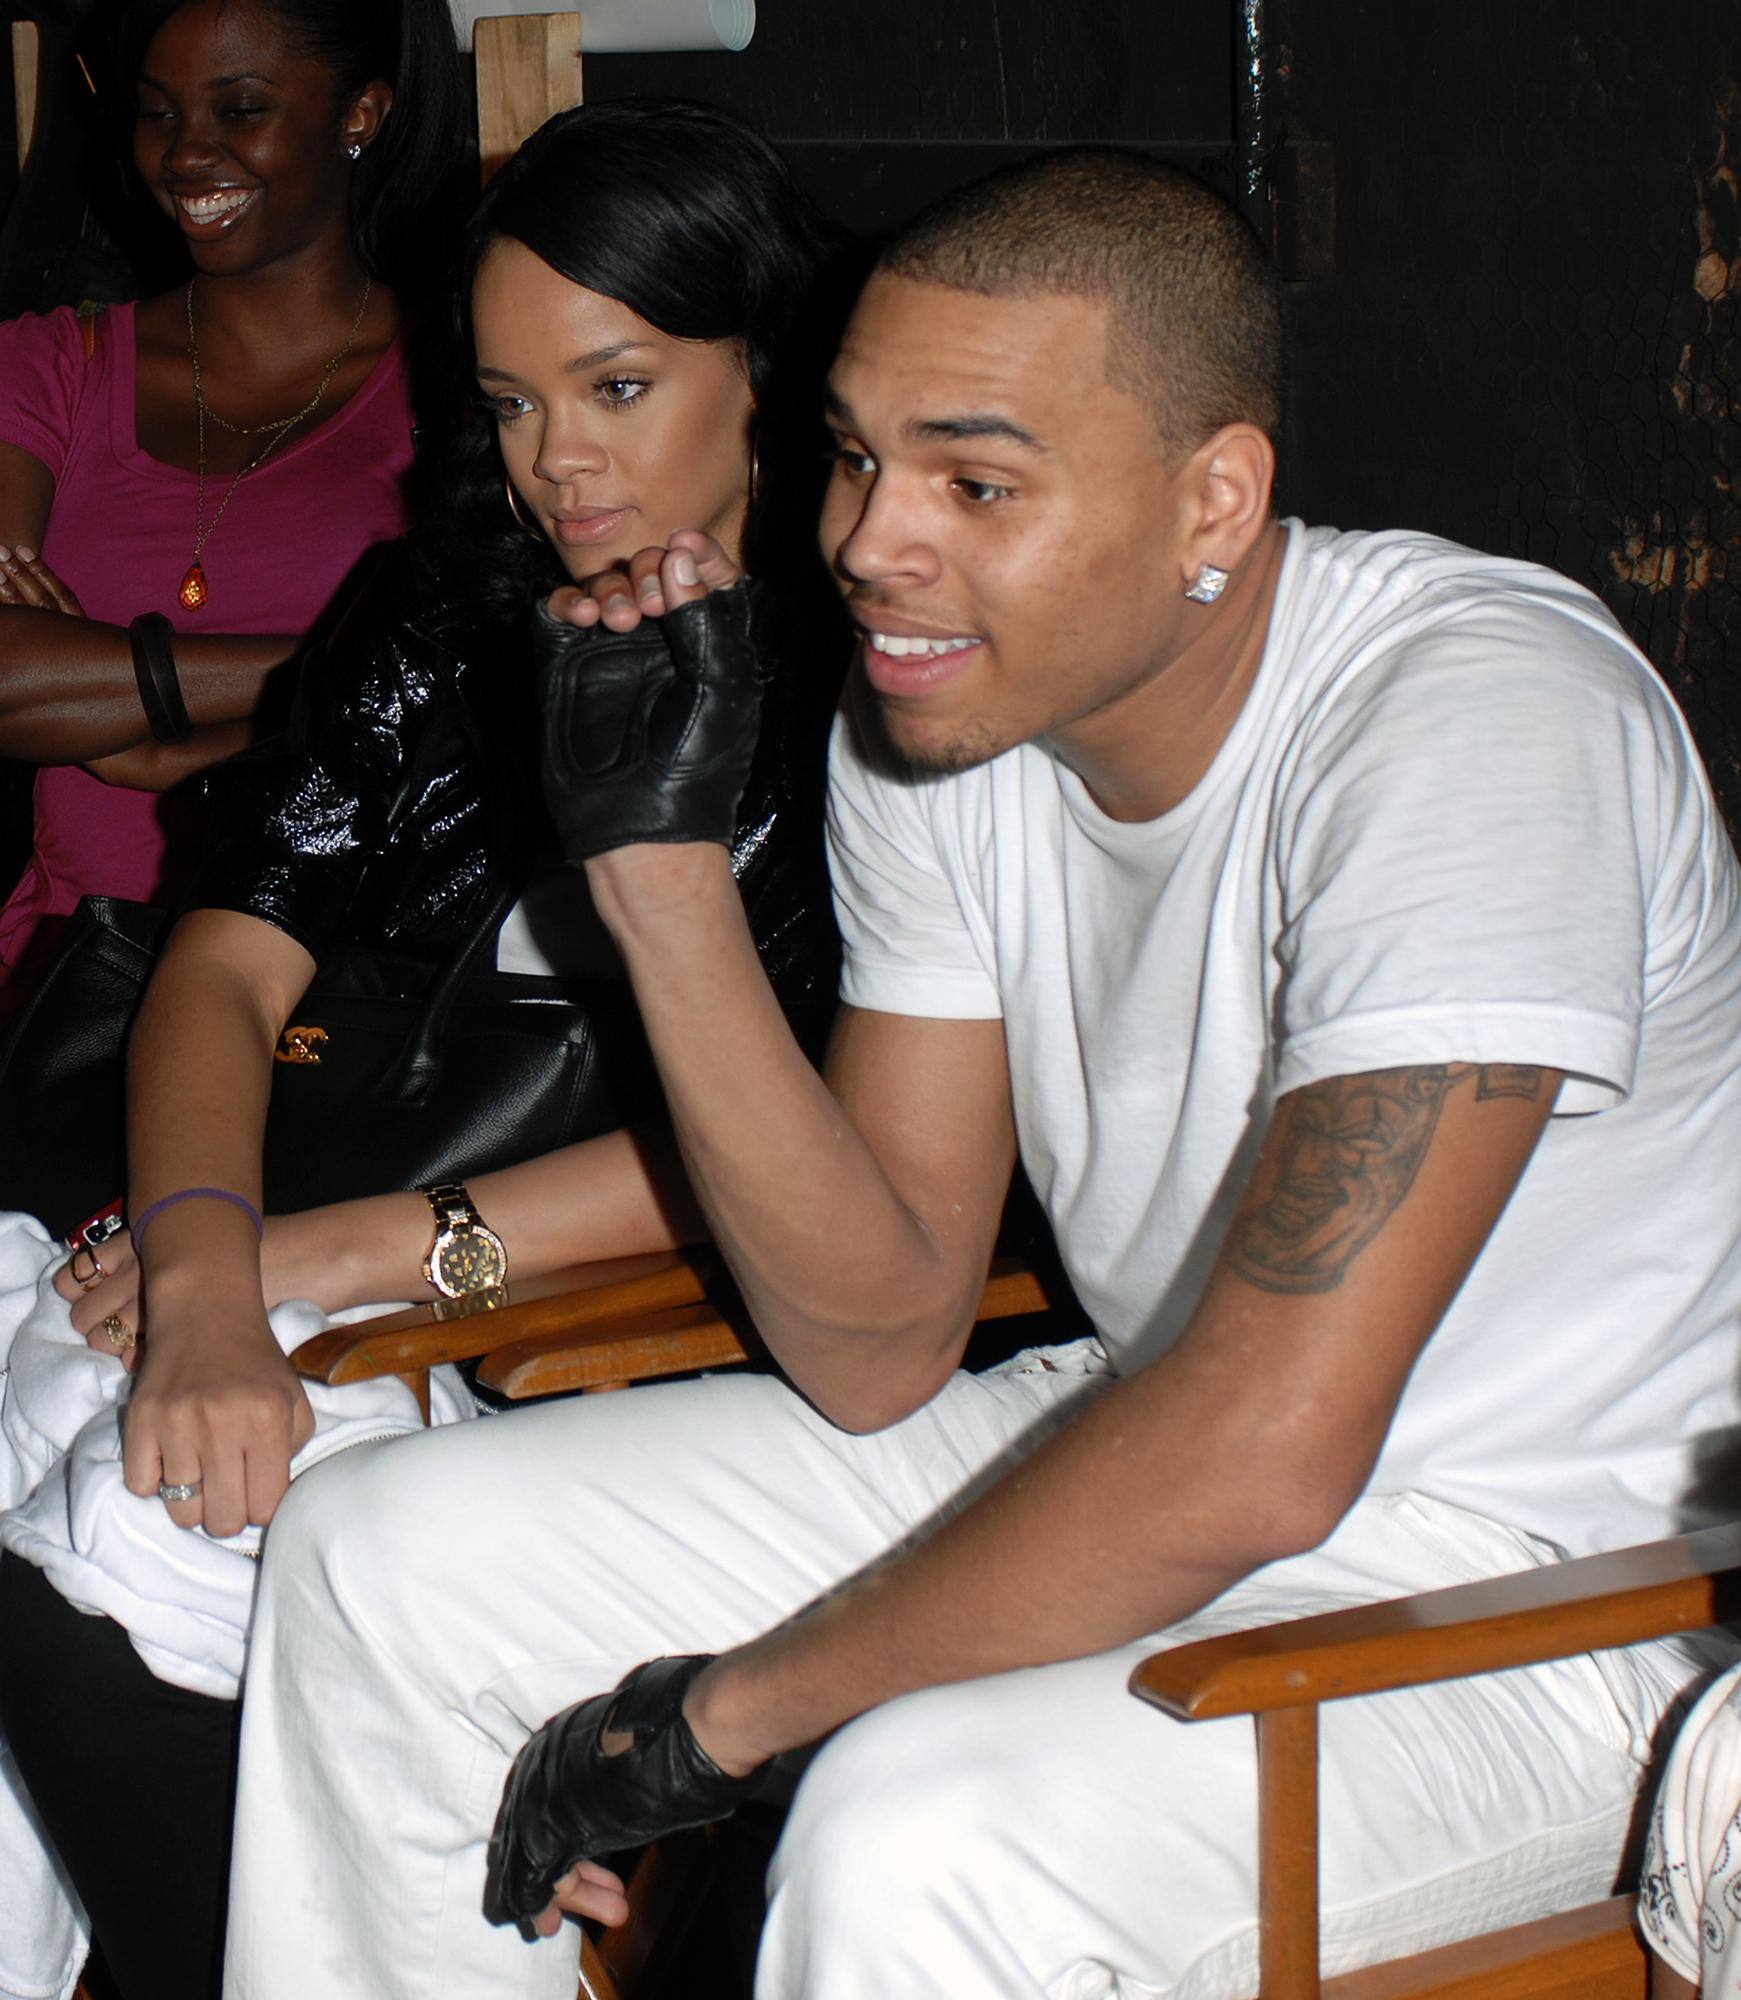 Relationship history rihanna Rihanna Boyfriends